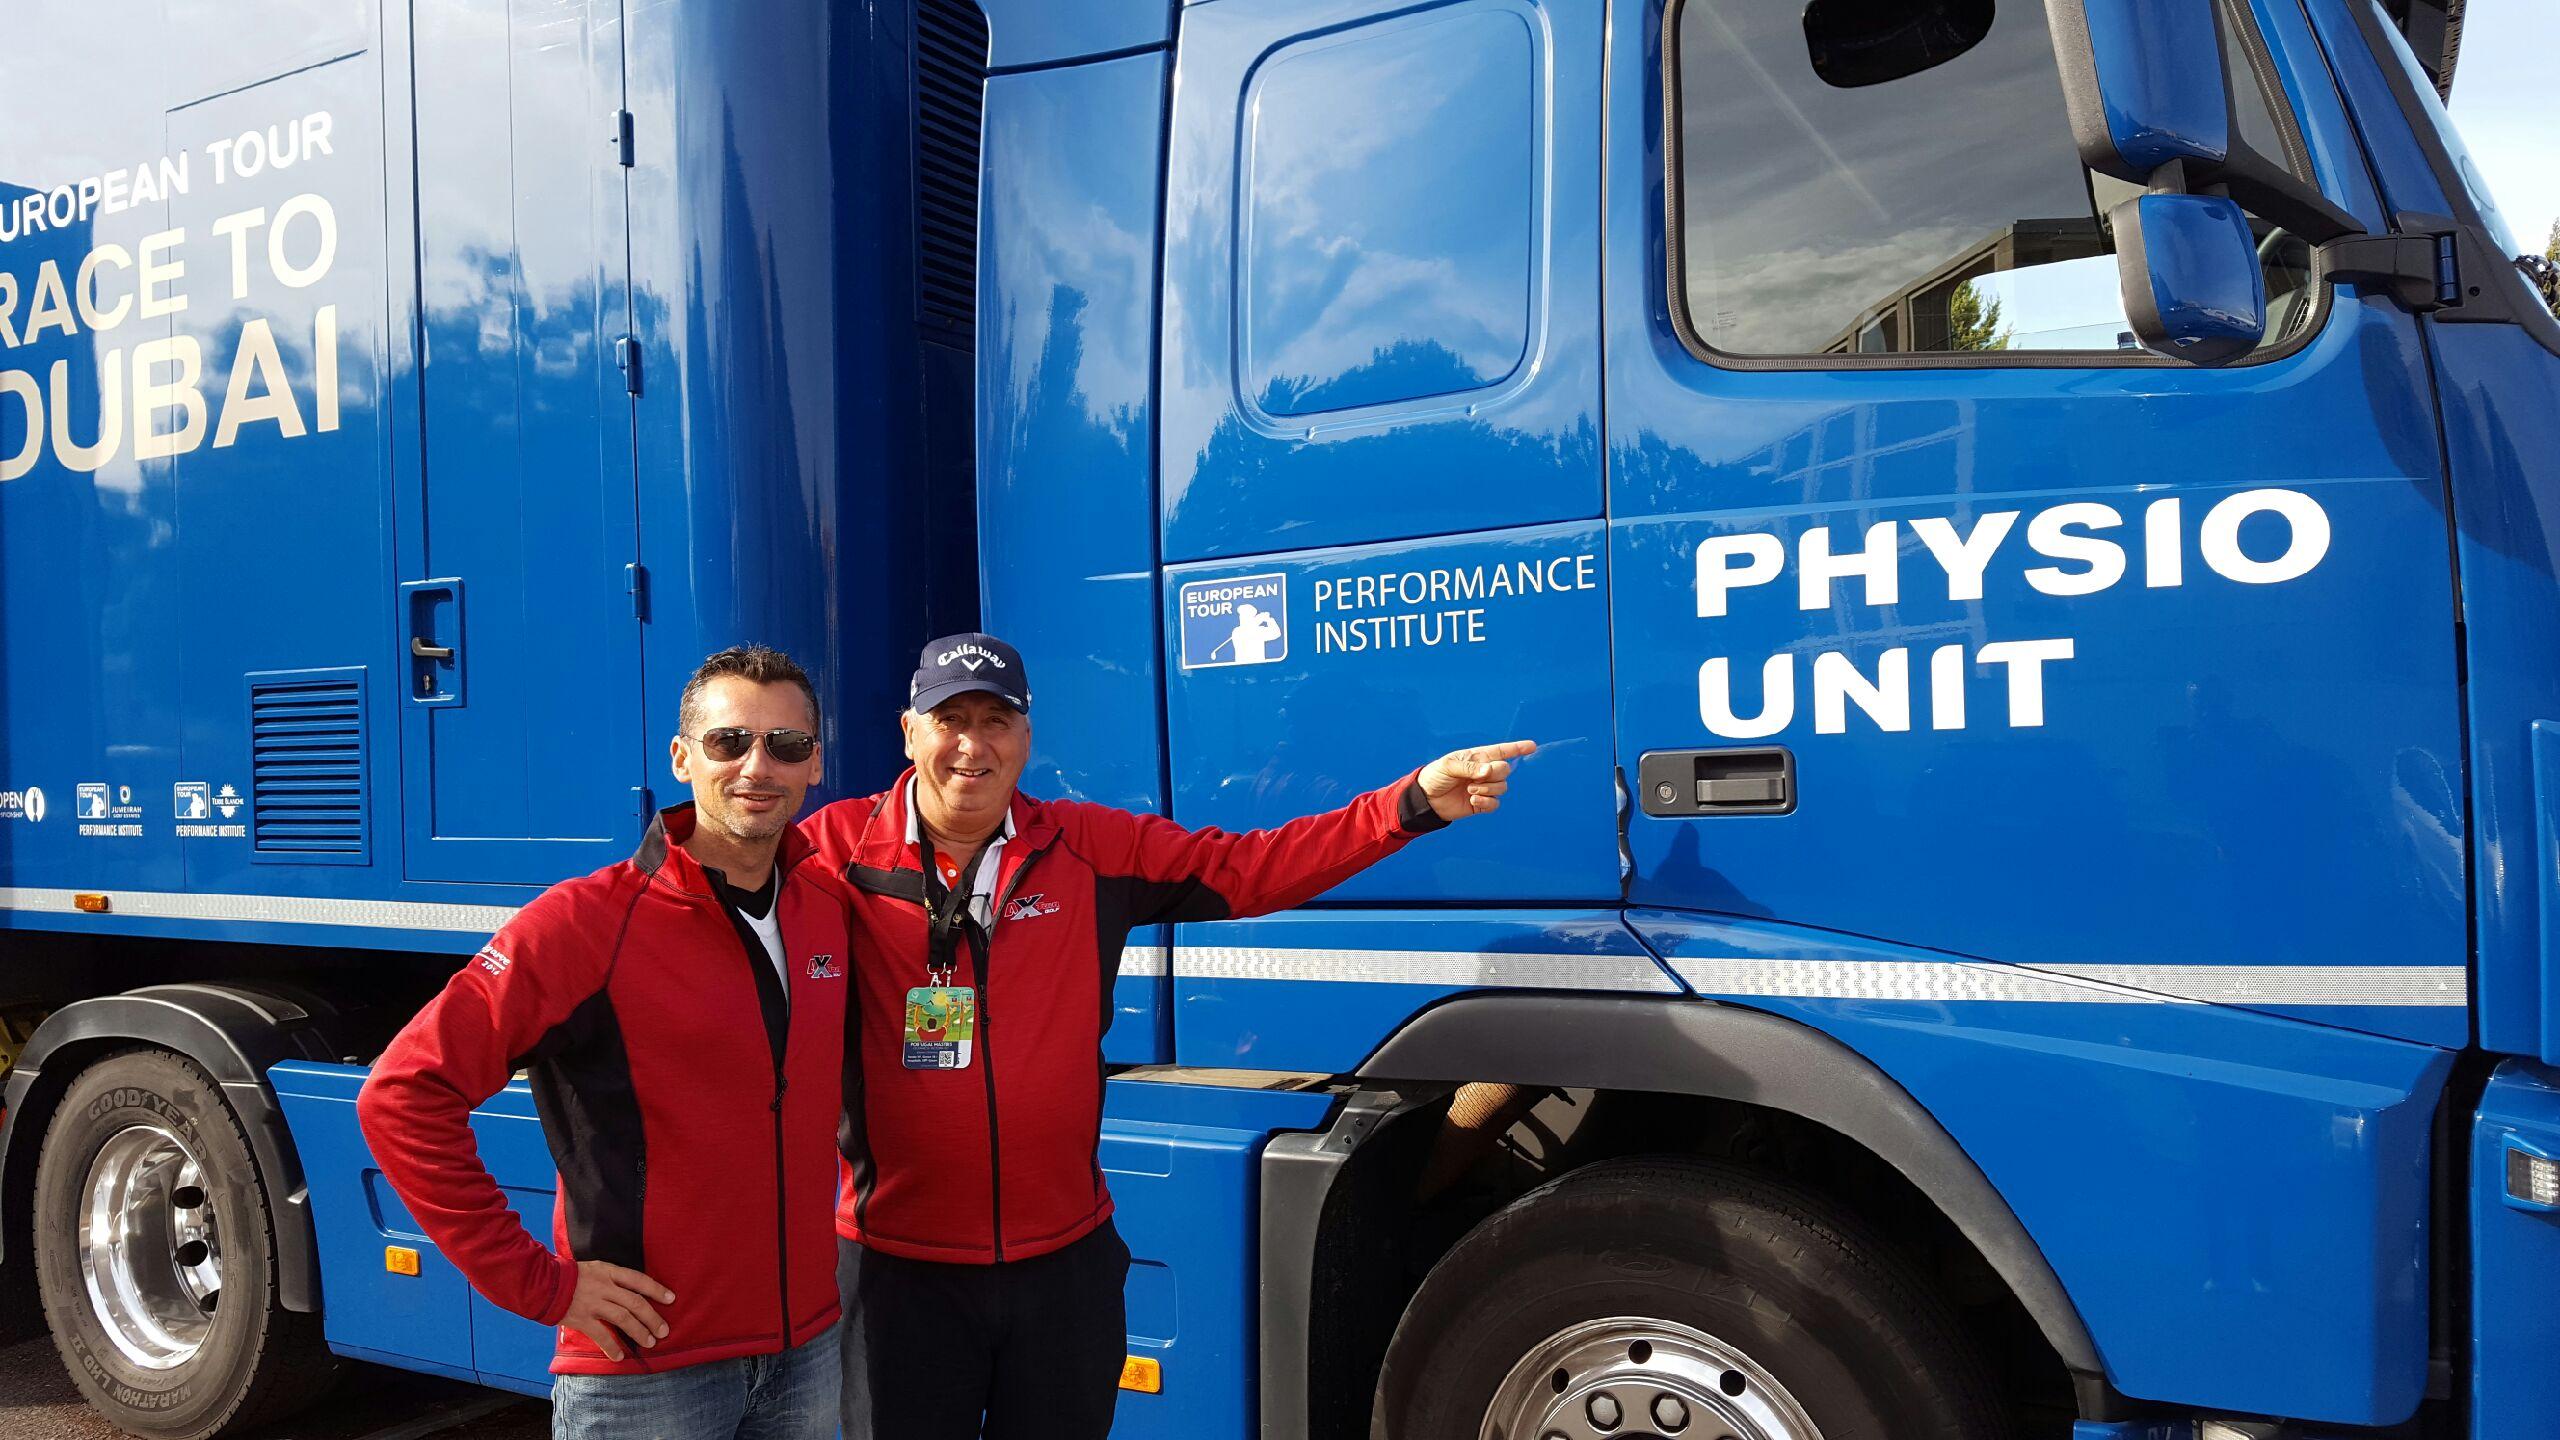 Visite de la Pysio Unit de l'European Tour